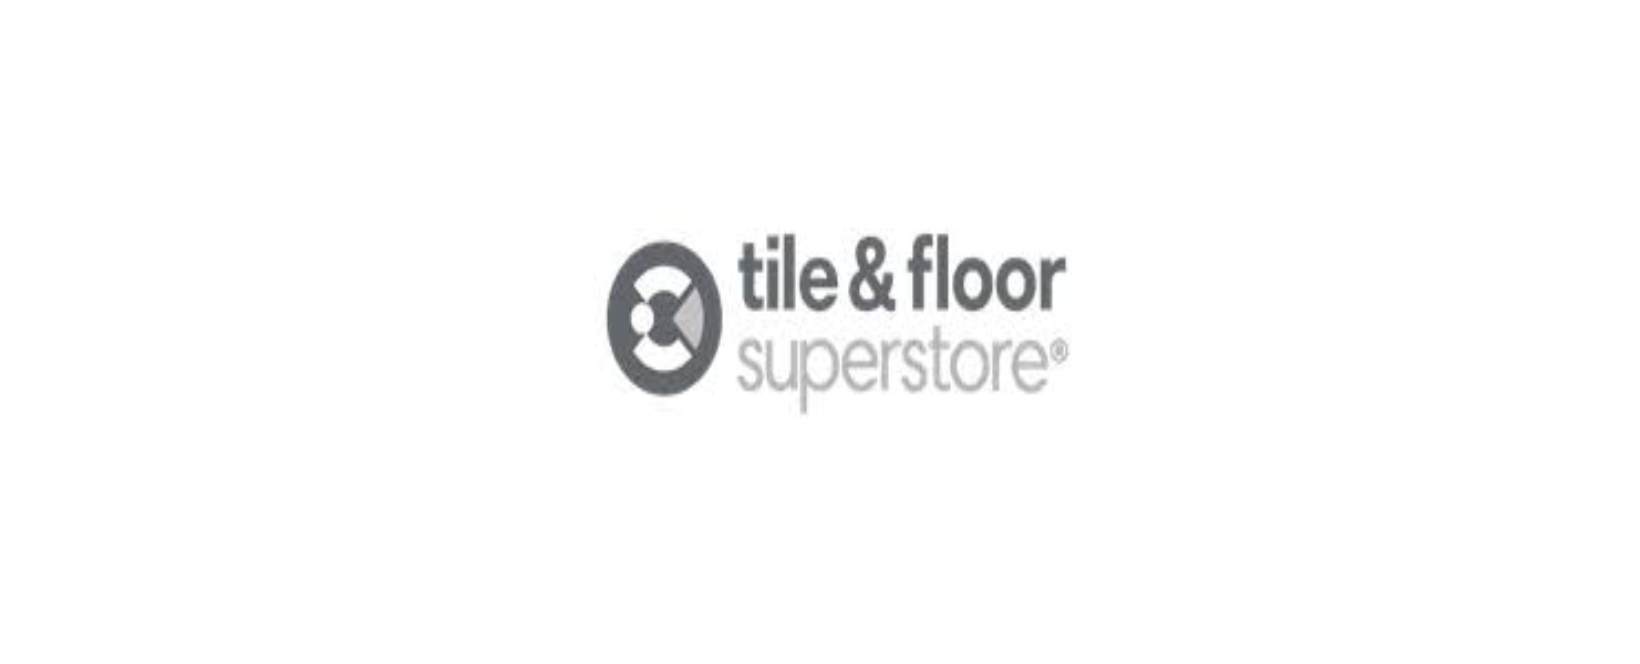 Tile And Floor Superstore UK Discount Code 2021